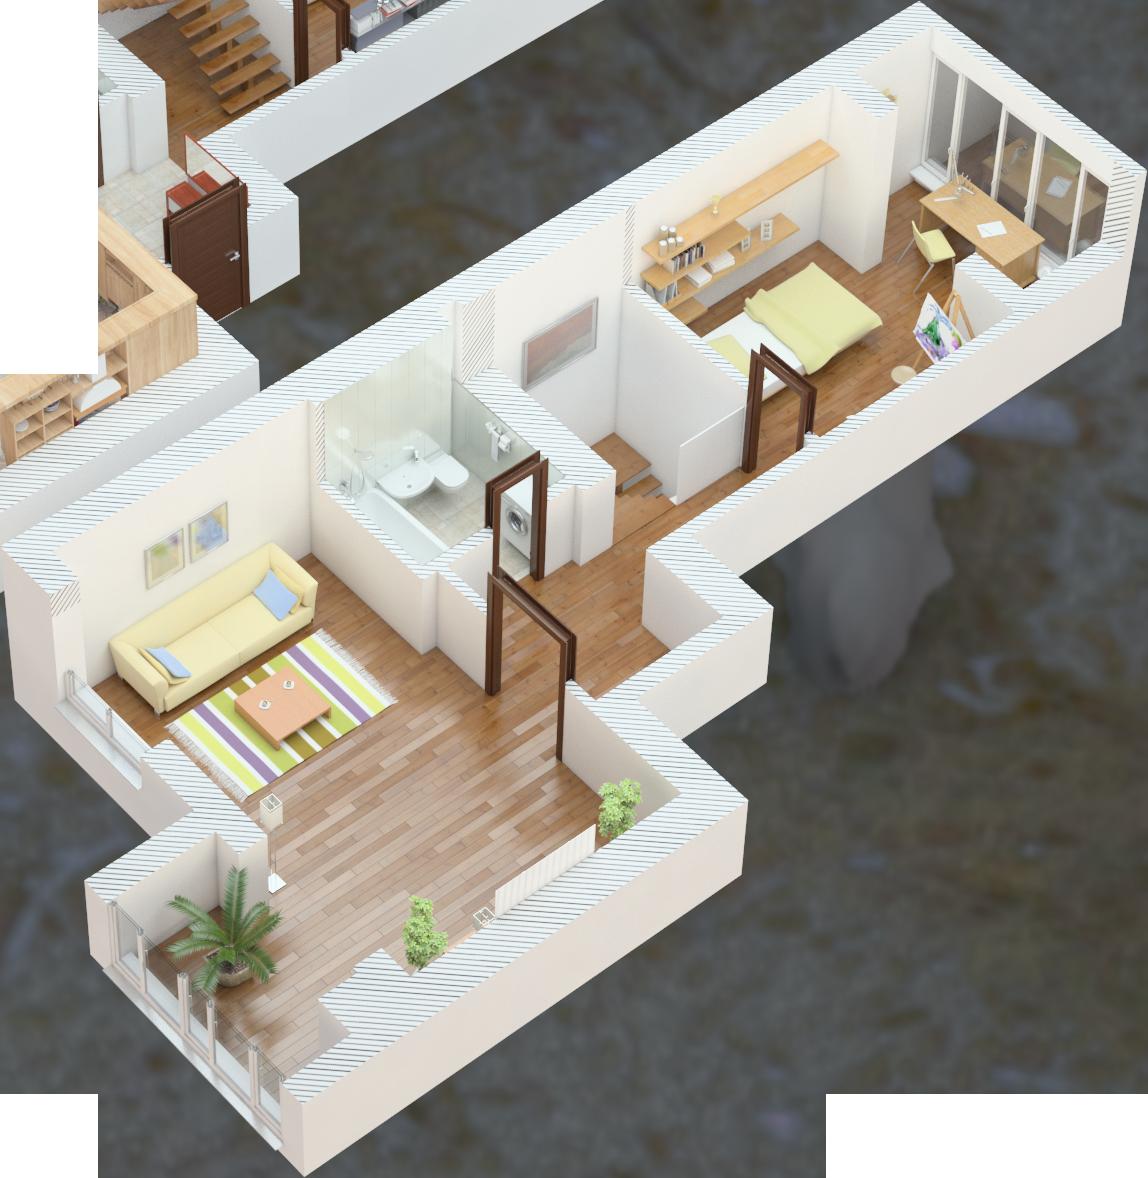 Планування чотирьохкімнатна квартира 108 кв.м.